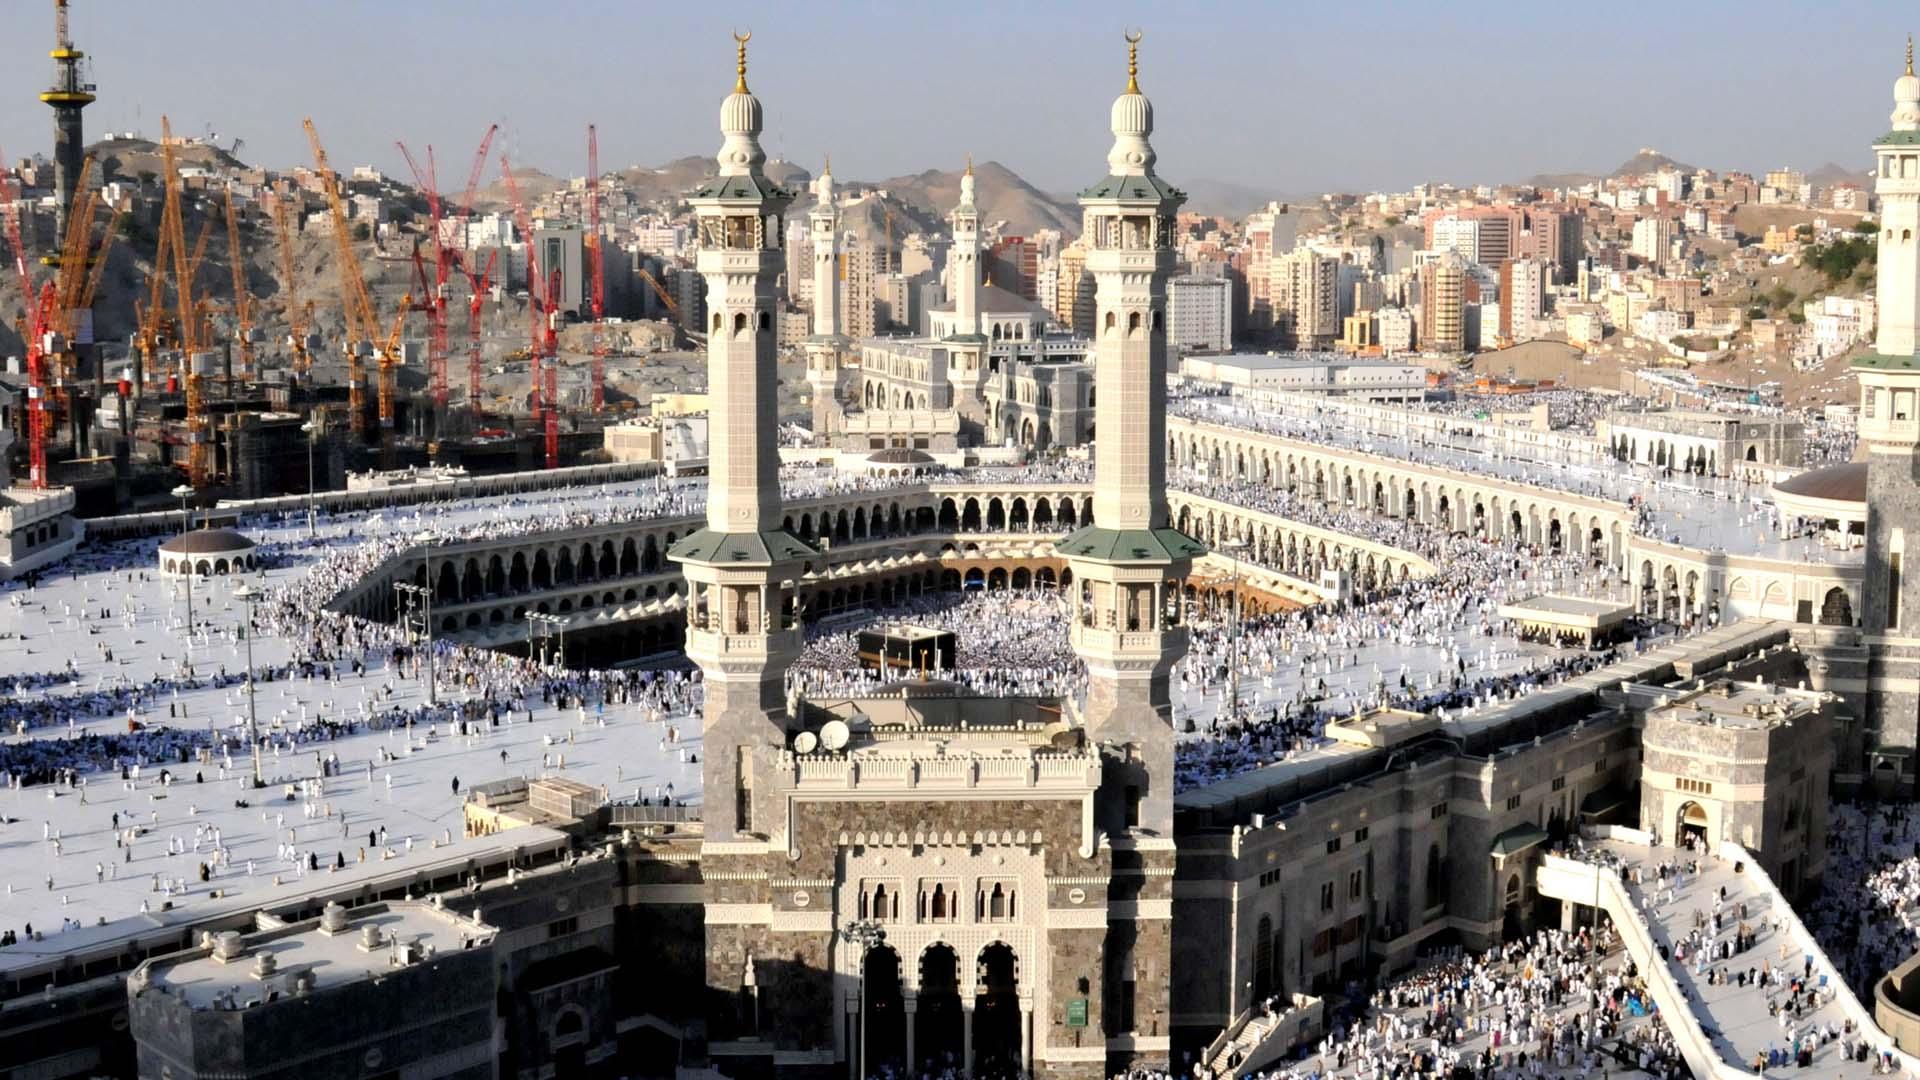 Habrá una restricción de acceso durante doce horas en total a lo largo de los tres días que dura la peregrinación